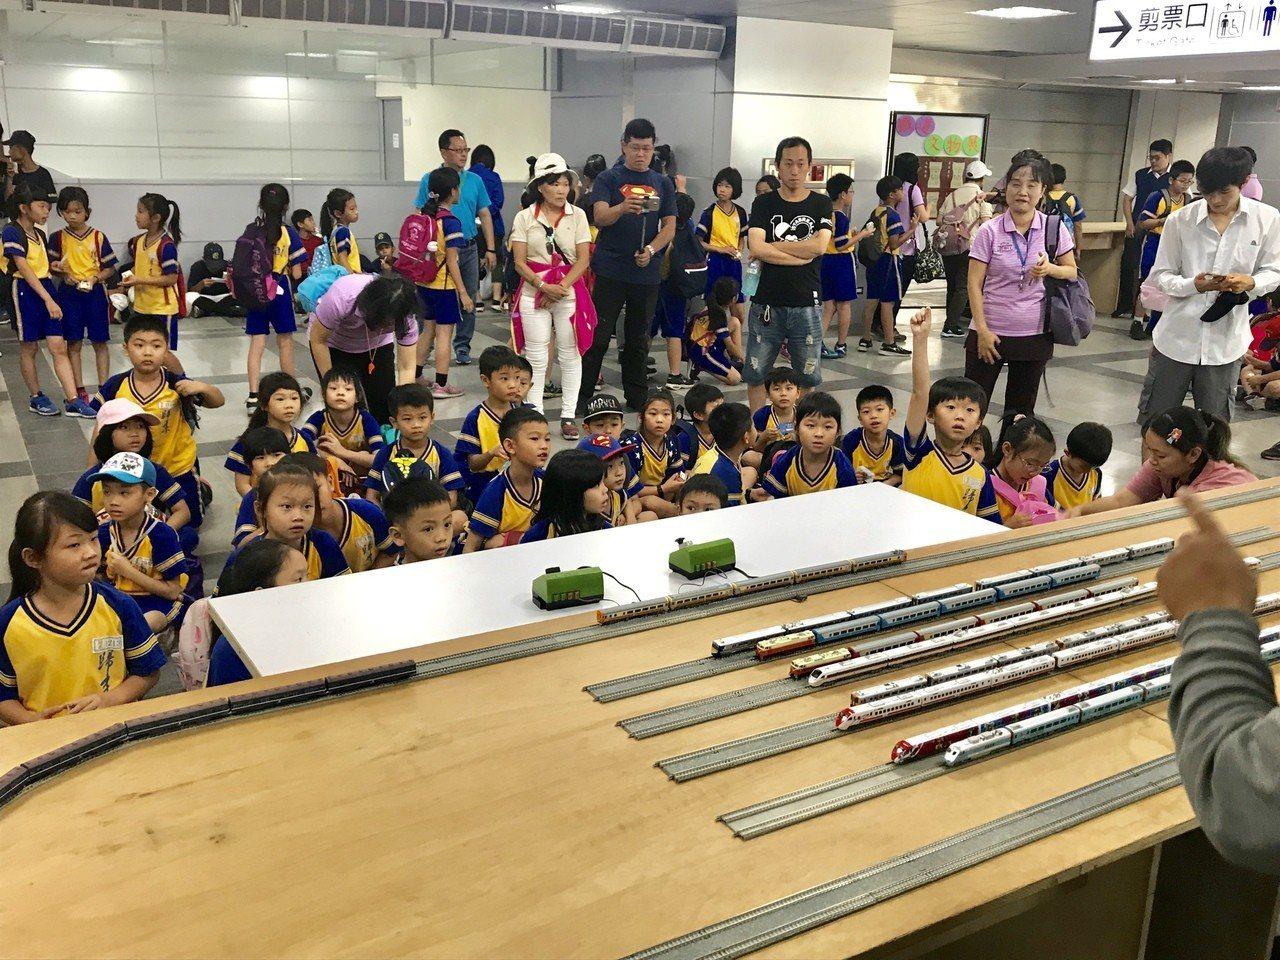 屏東火車站為慶祝兒童節,將火車模型、就是車票、台鐵文物等進行展示,讓小朋友穿梭時...